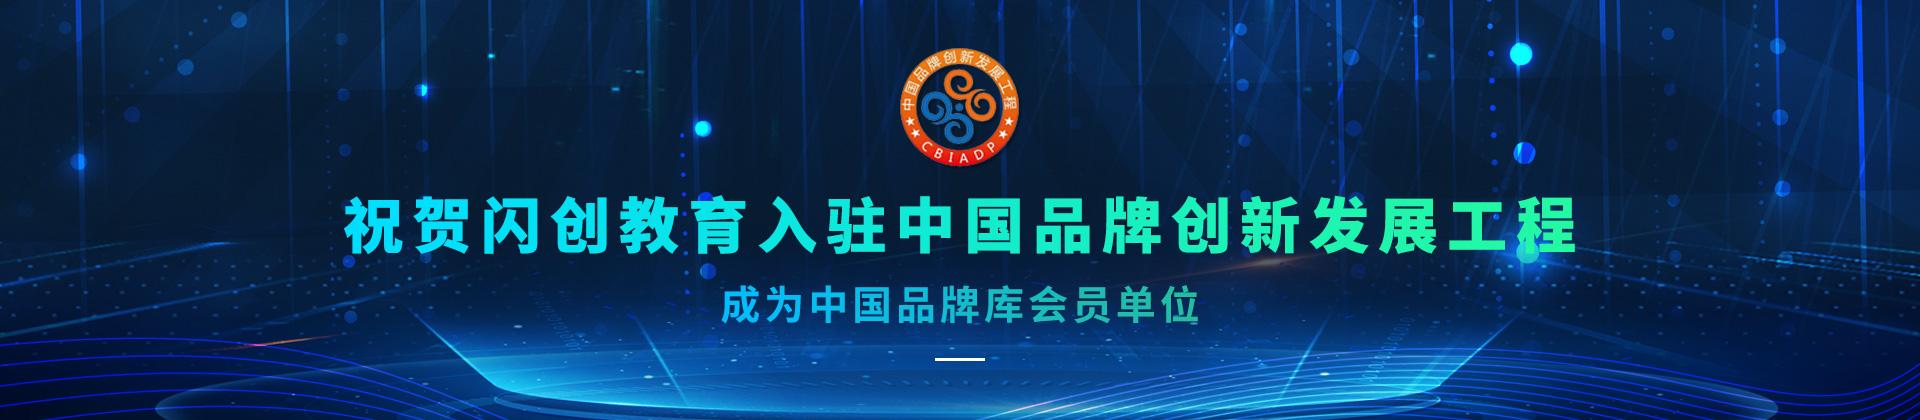 闪创教育入驻中国品牌库会员单位